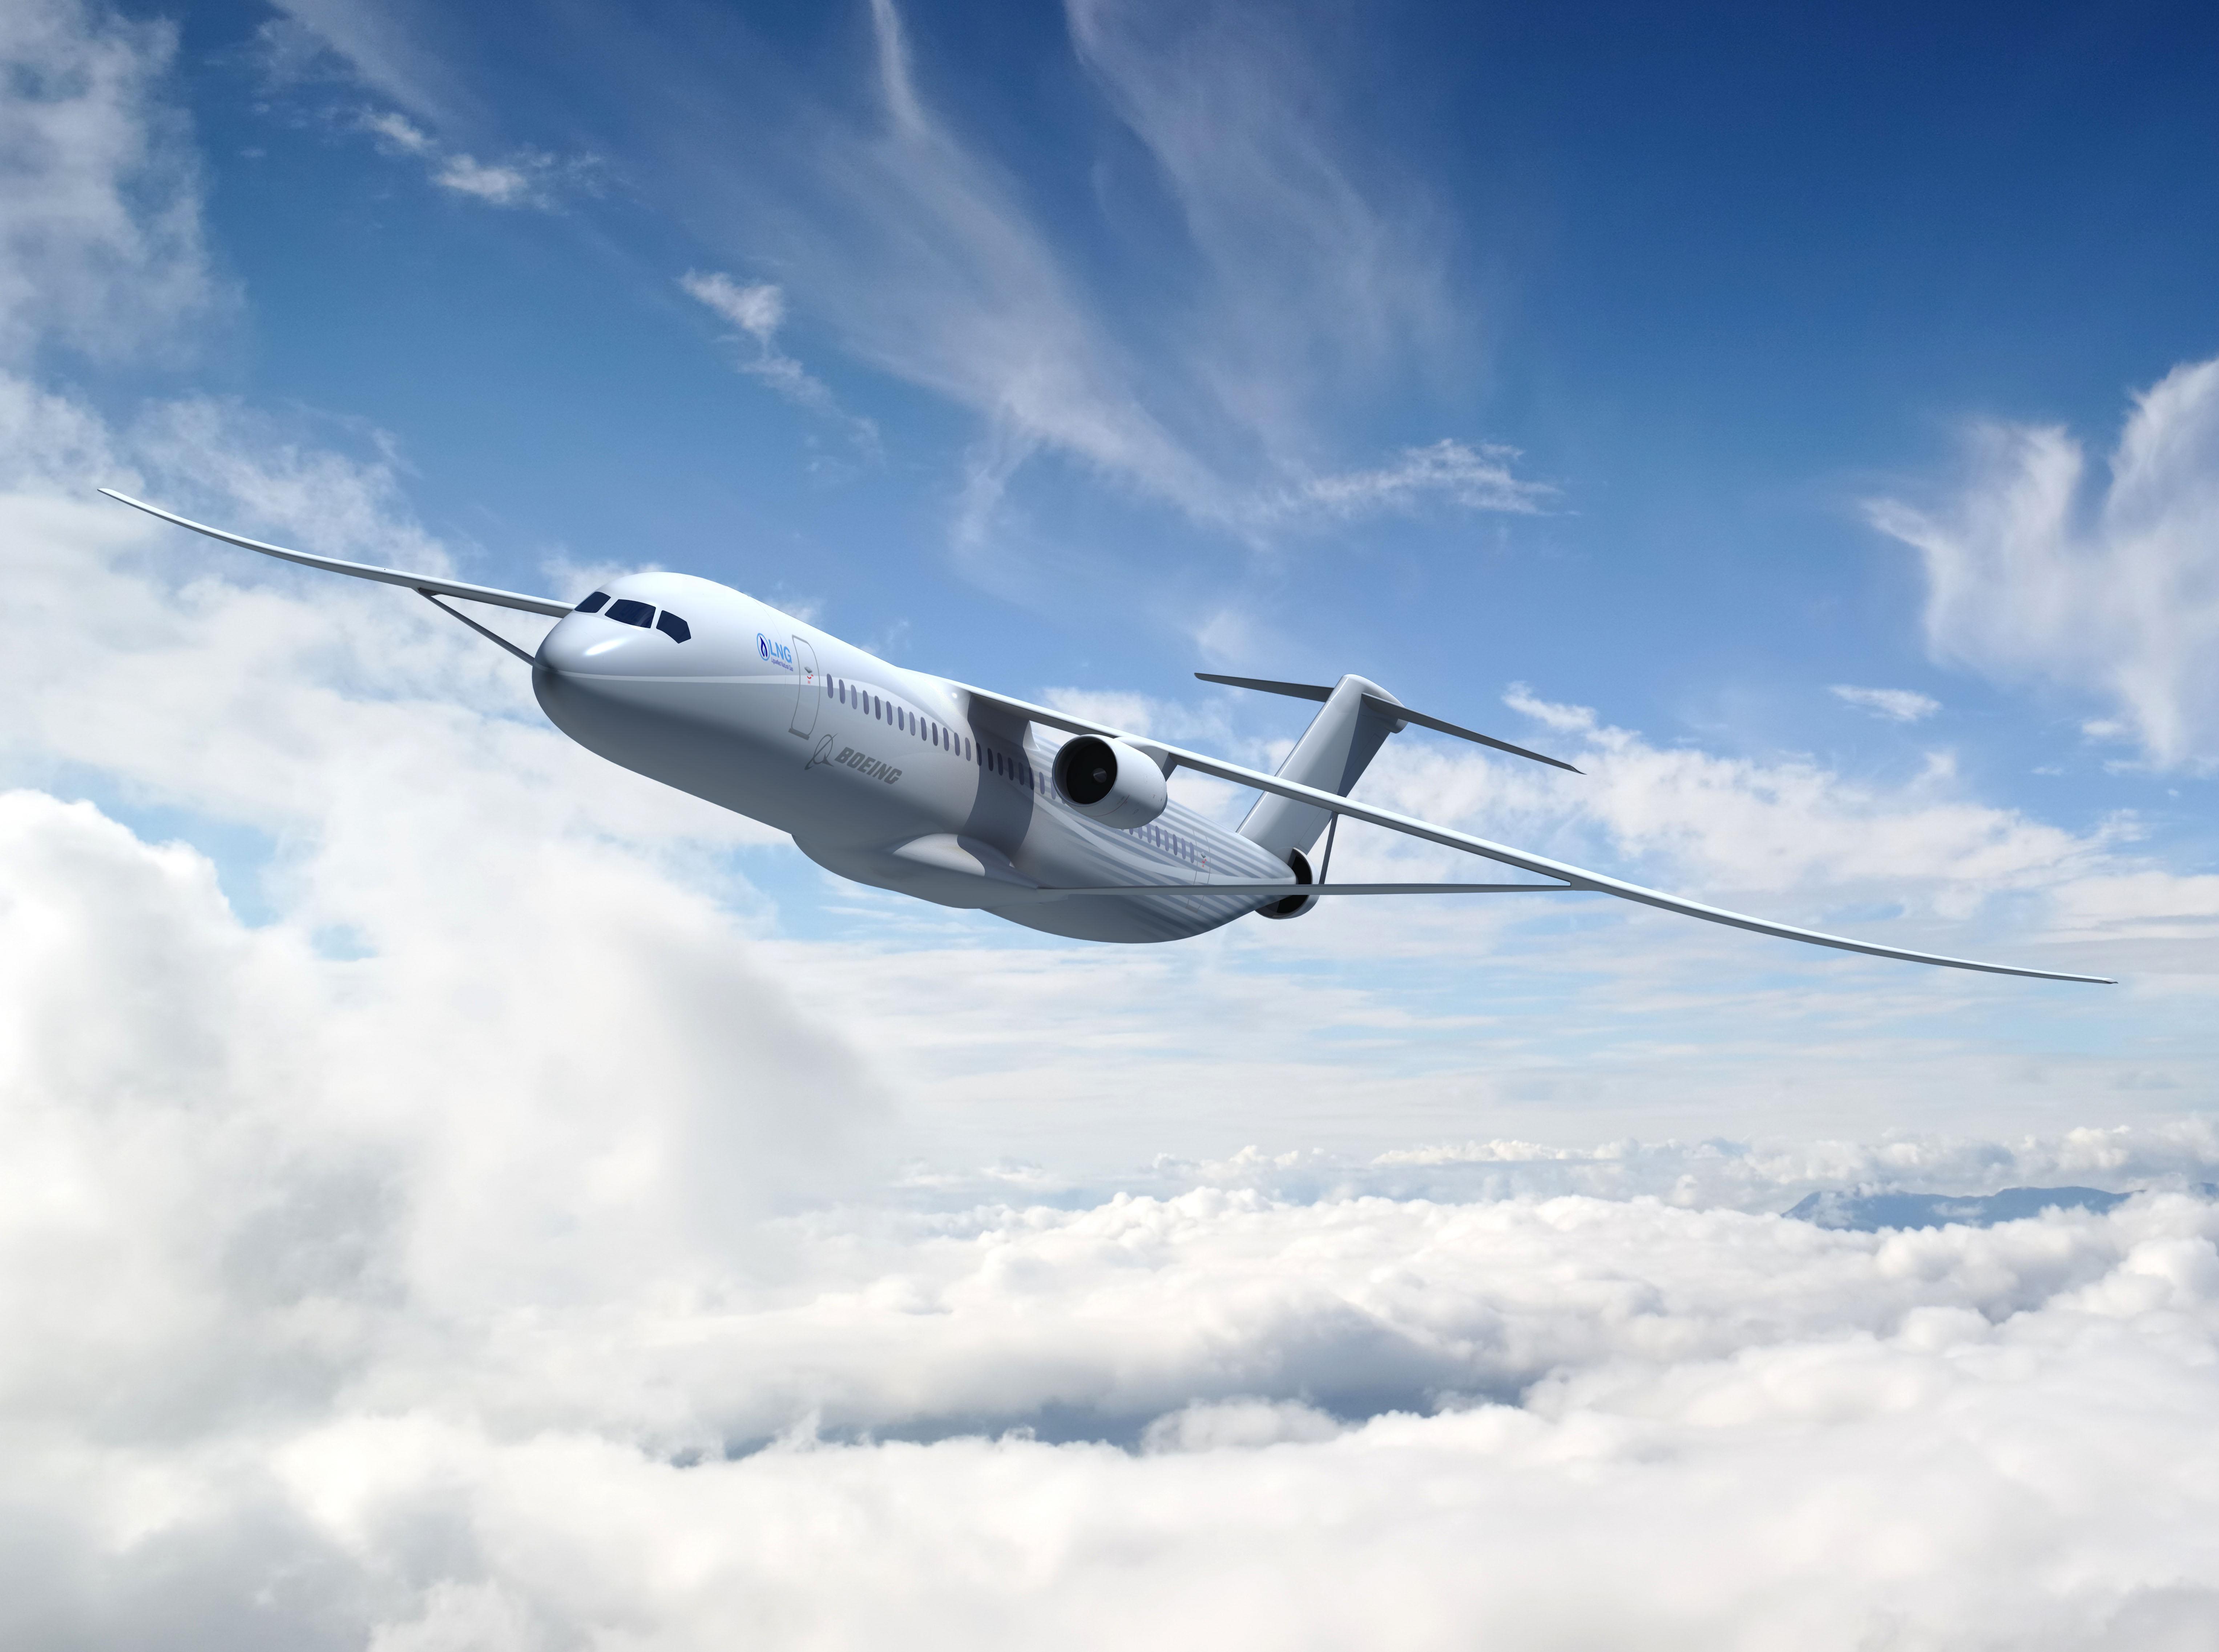 NASA Introduces New Blueprint For Transforming Global Aviation NASA - Examples future planes look according nasa